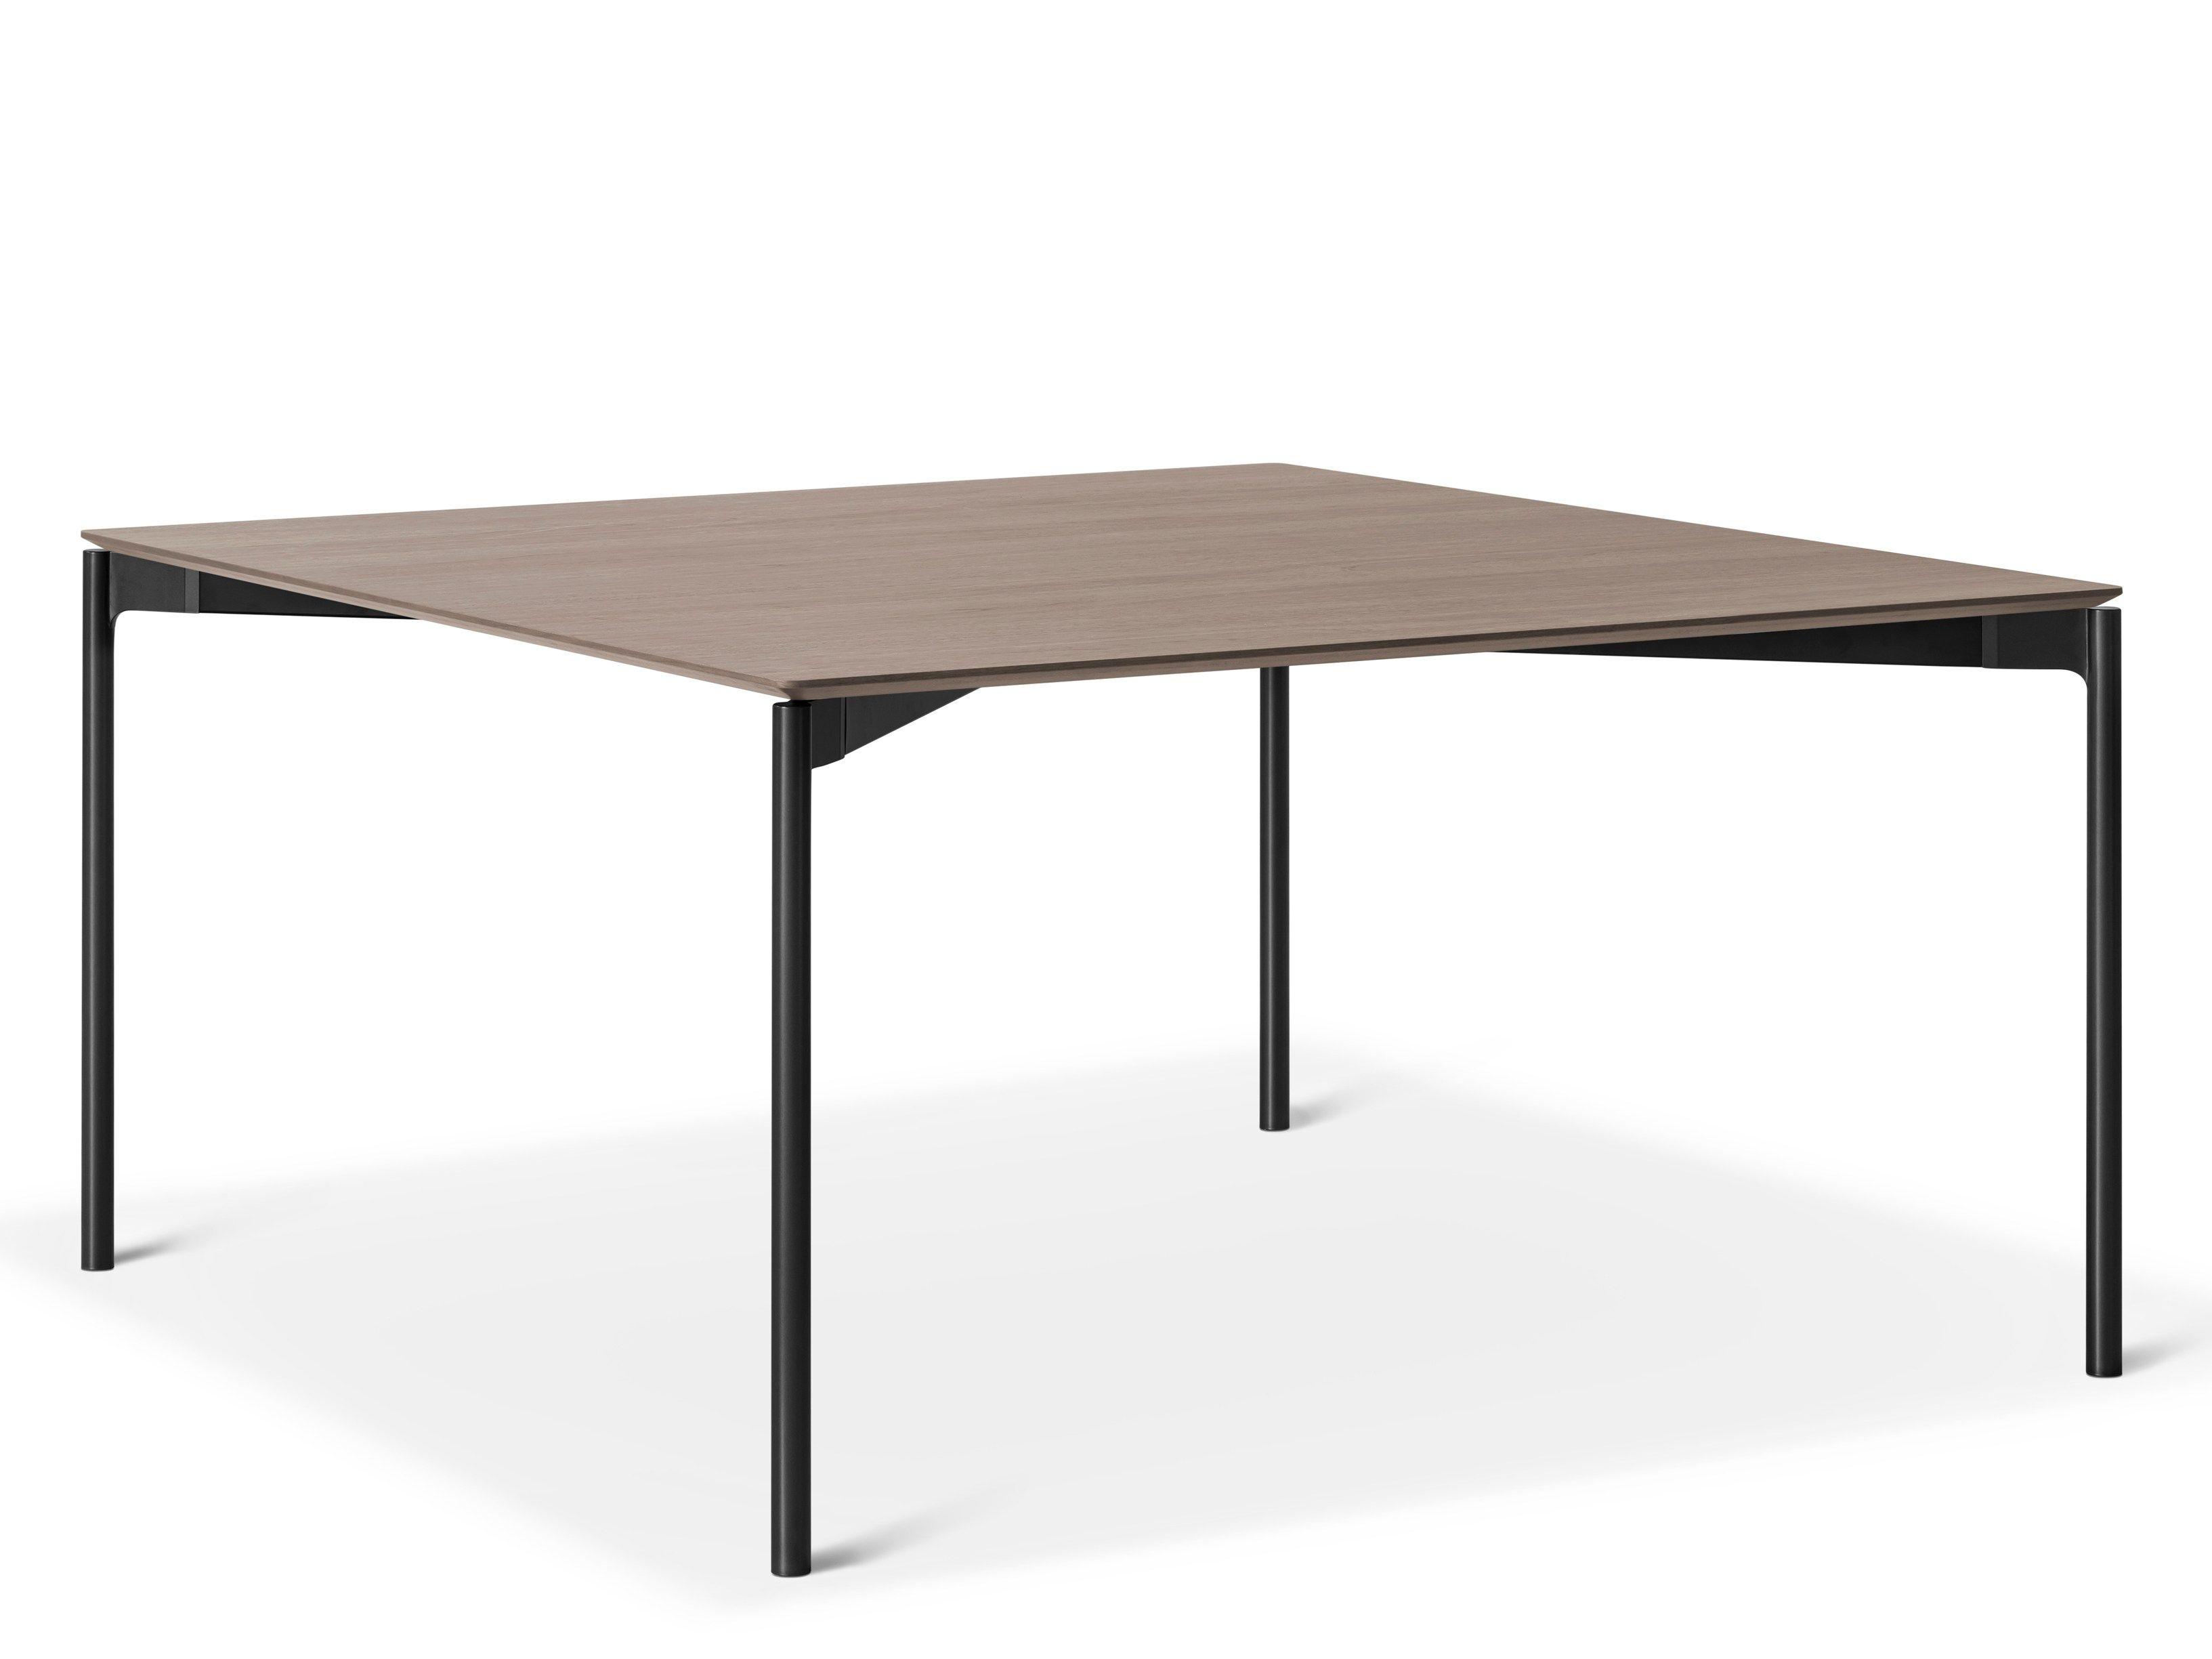 Tavolo rettangolare in alluminio e legno luce by lema for Tavolo in alluminio